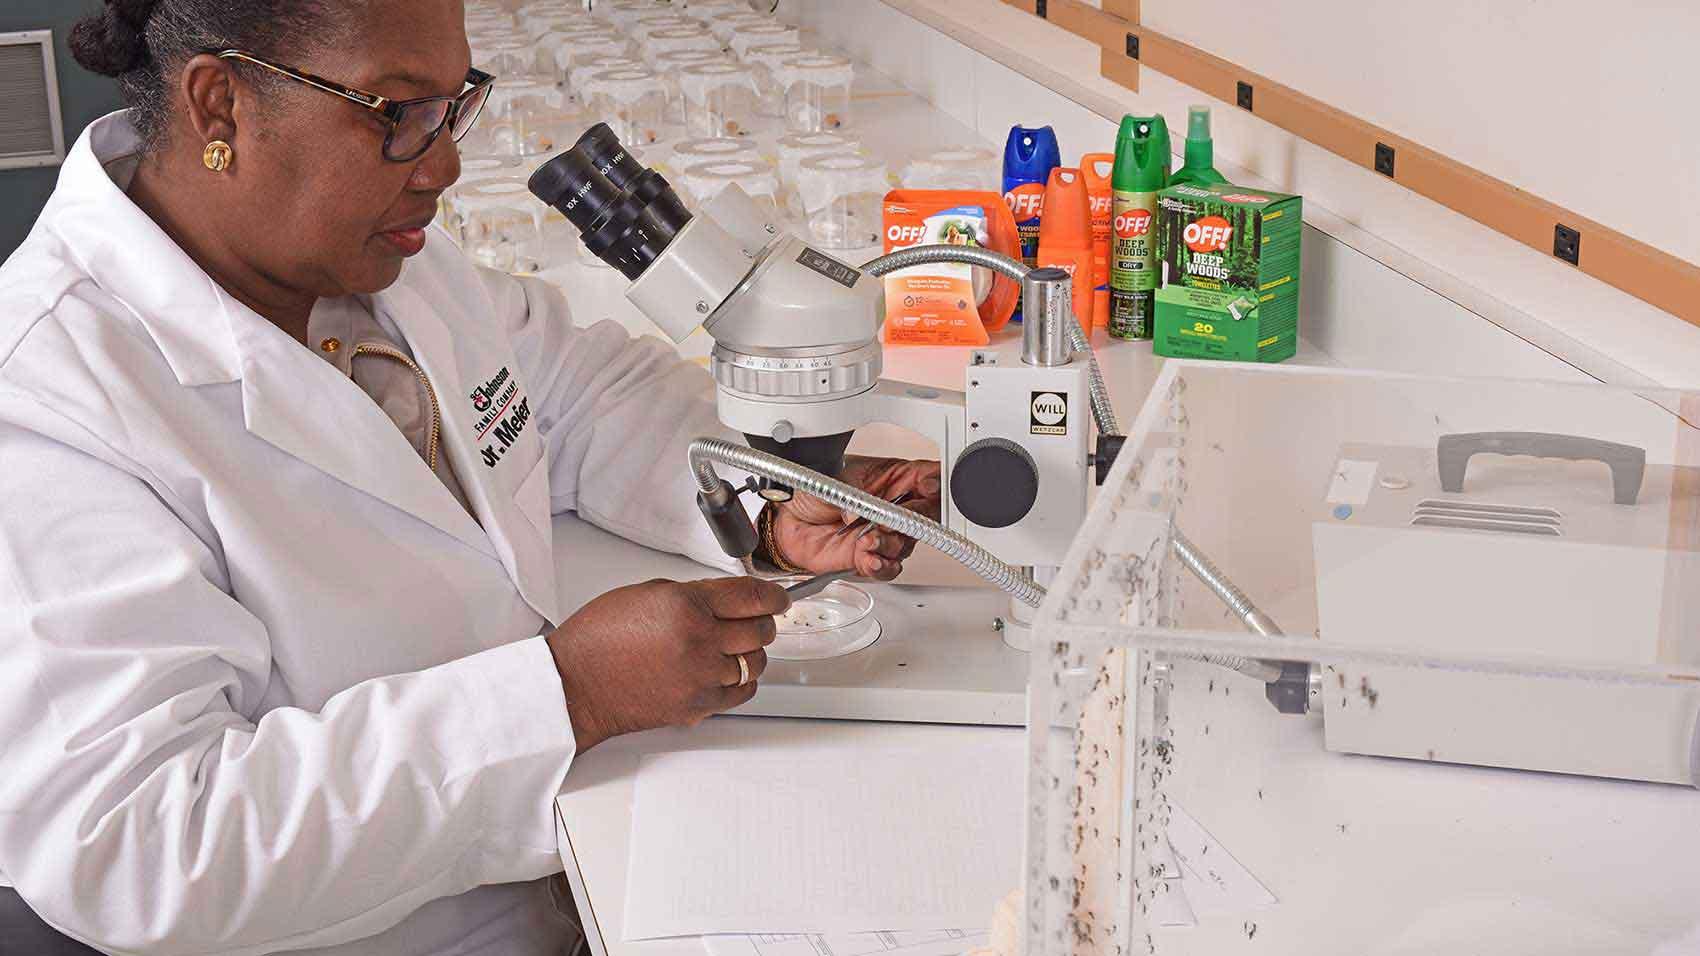 Pesquisa científica de insetos para ajudar a proteger famílias de doenças transmitidas por mosquitos.